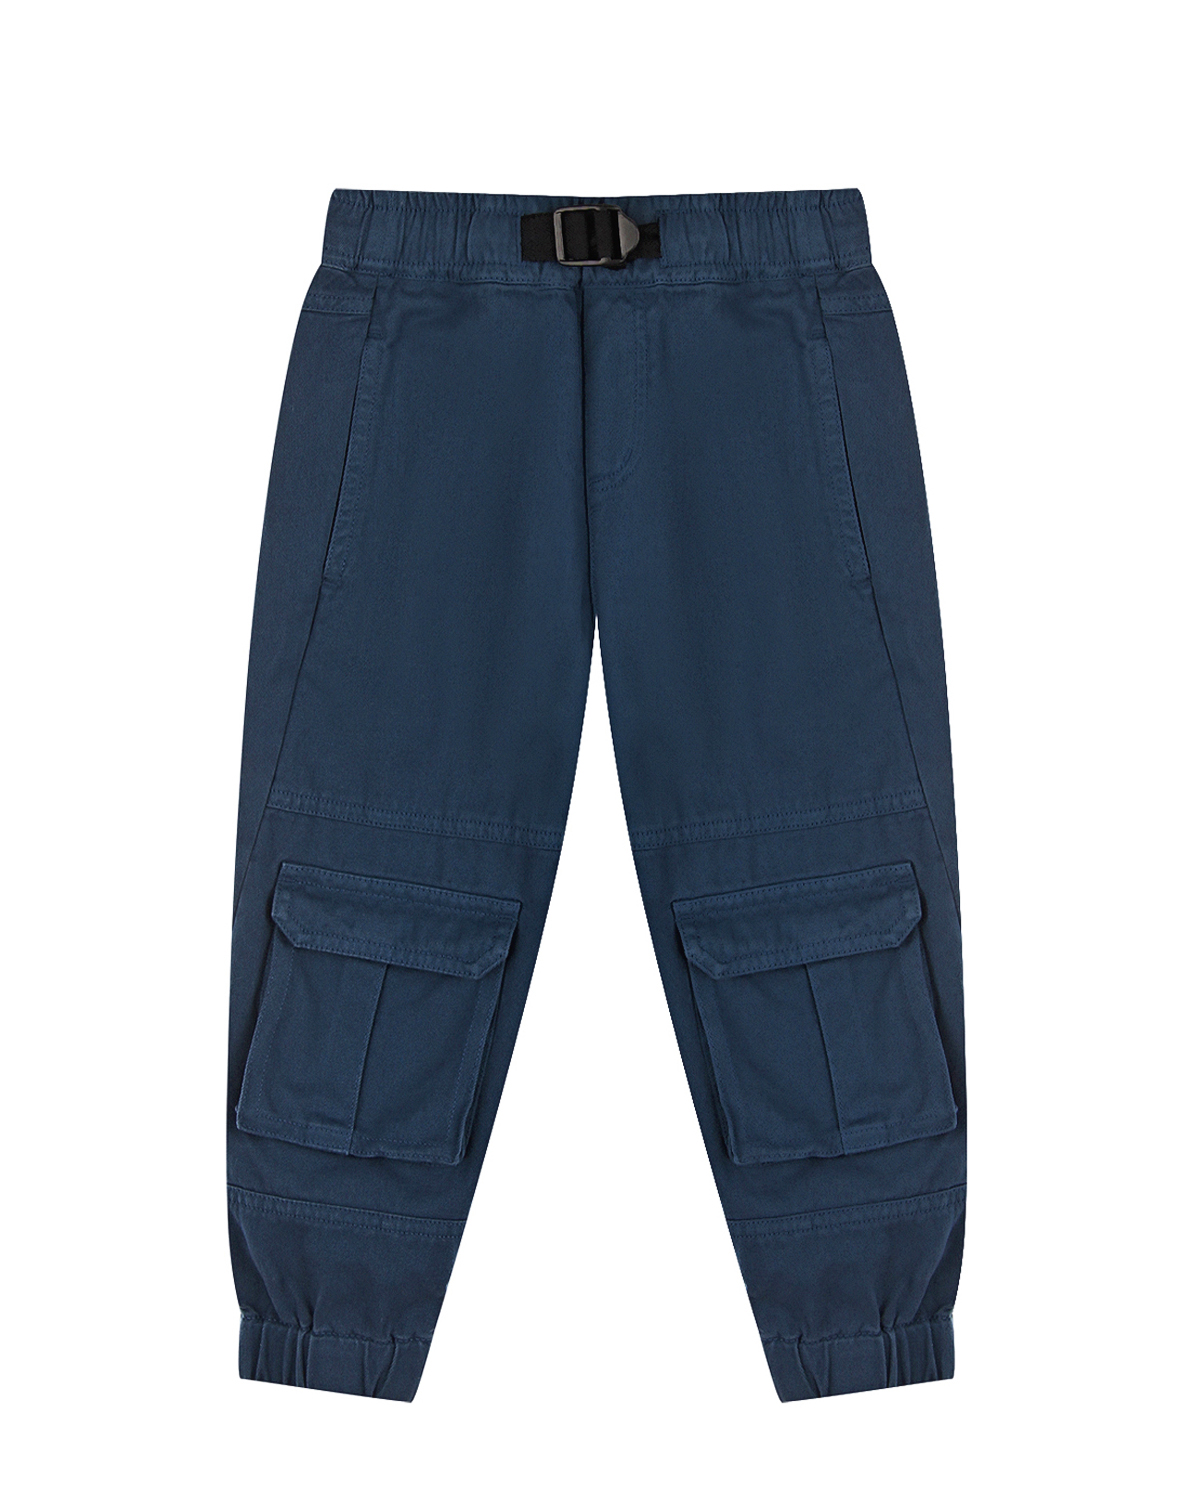 Синие брюки с накладными карманами Stella McCartney детские, Синий, 100%хлопок  - купить со скидкой